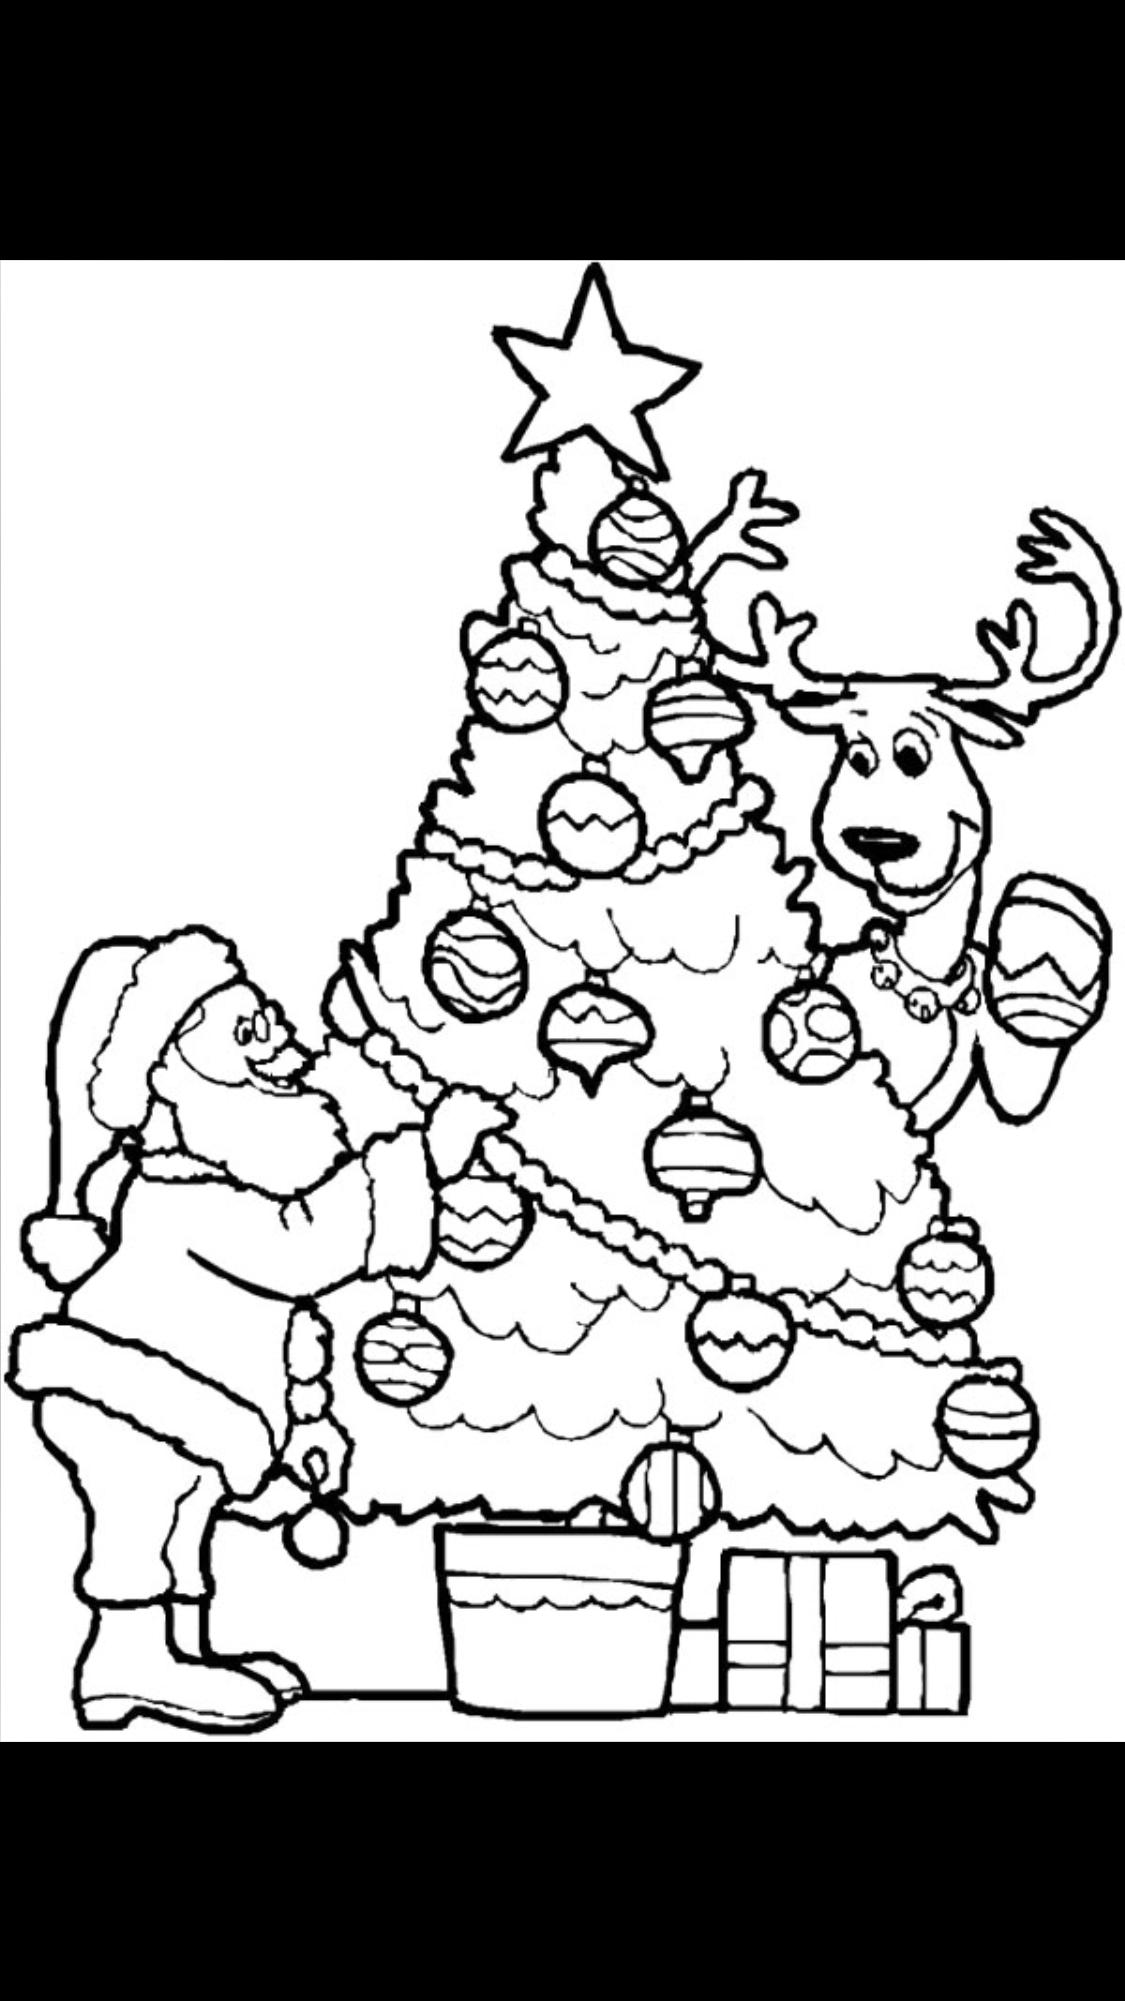 Lo Mejor De Imagenes De Navidad Para Colorear A Color | Colore Ar La ...